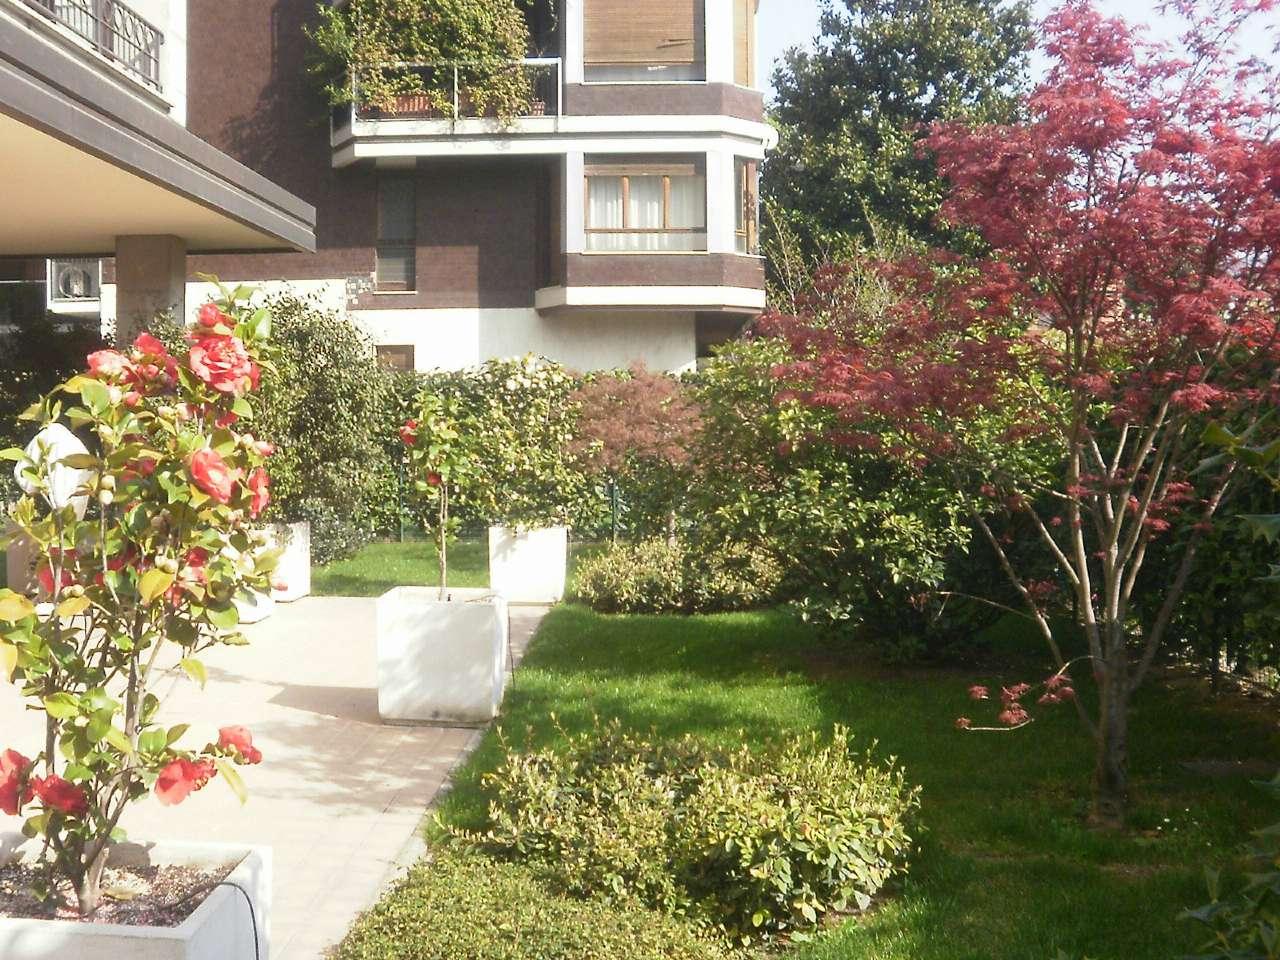 Giardino In Città Udine appartamento con giardino a milano pag. 7 - cambiocasa.it